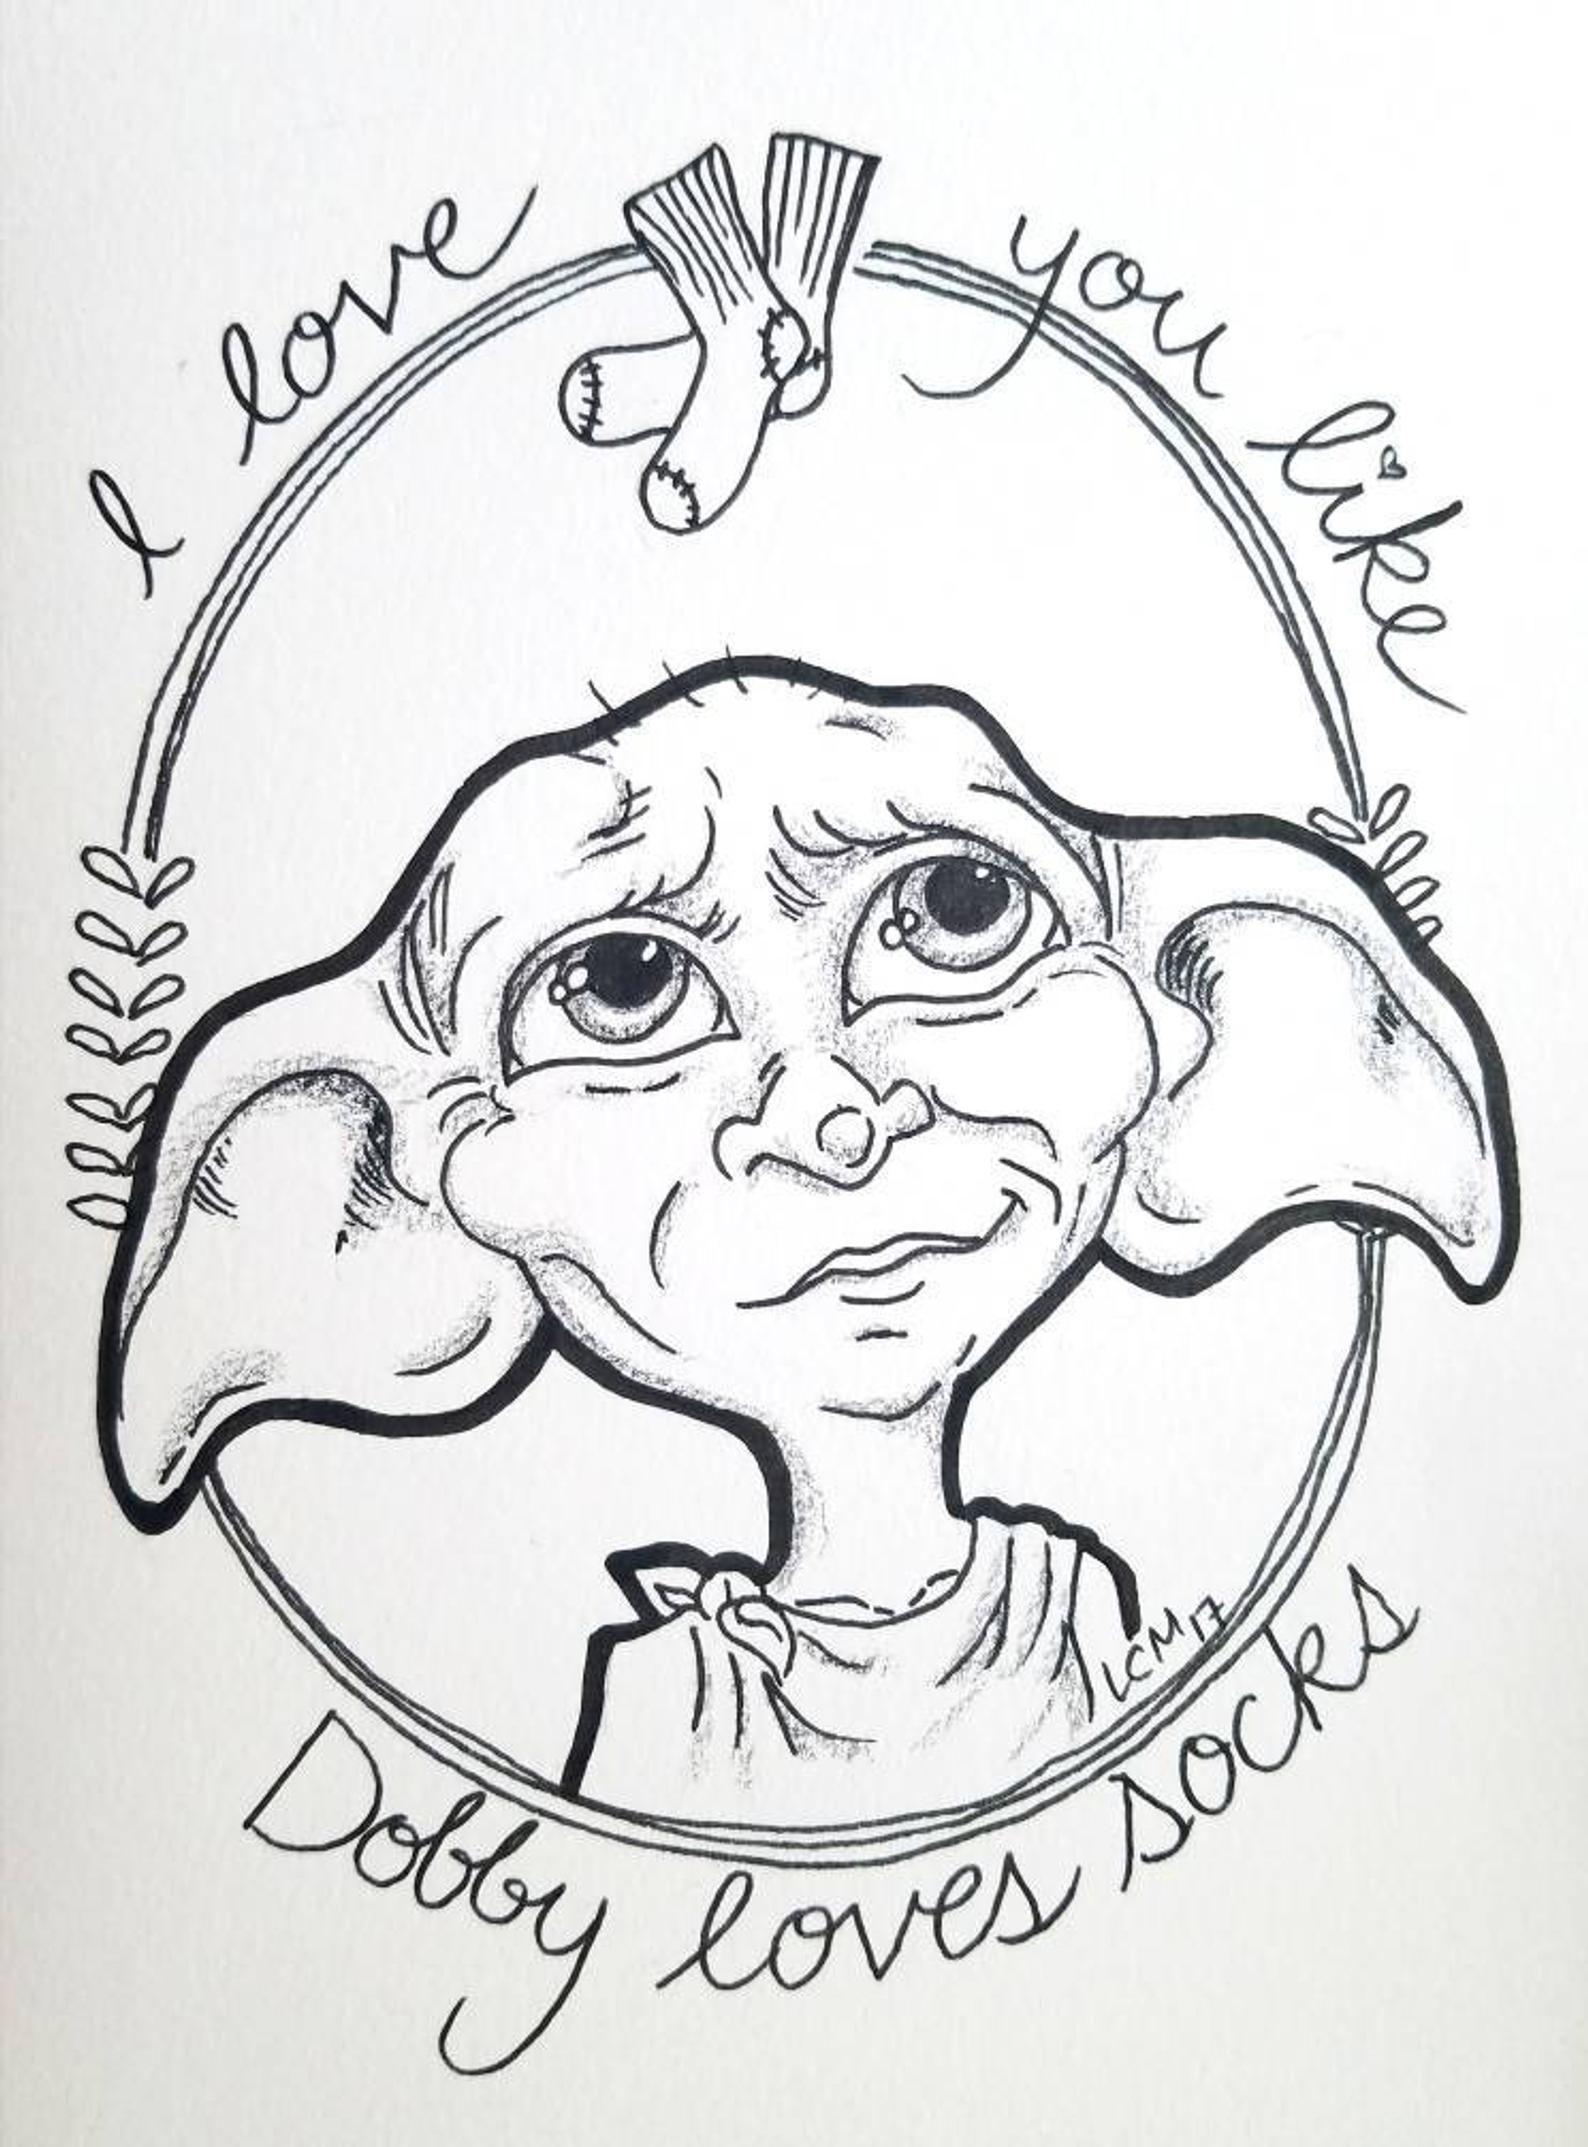 Harry Potter Fan Art Illustration Print Dobby the house elf Black